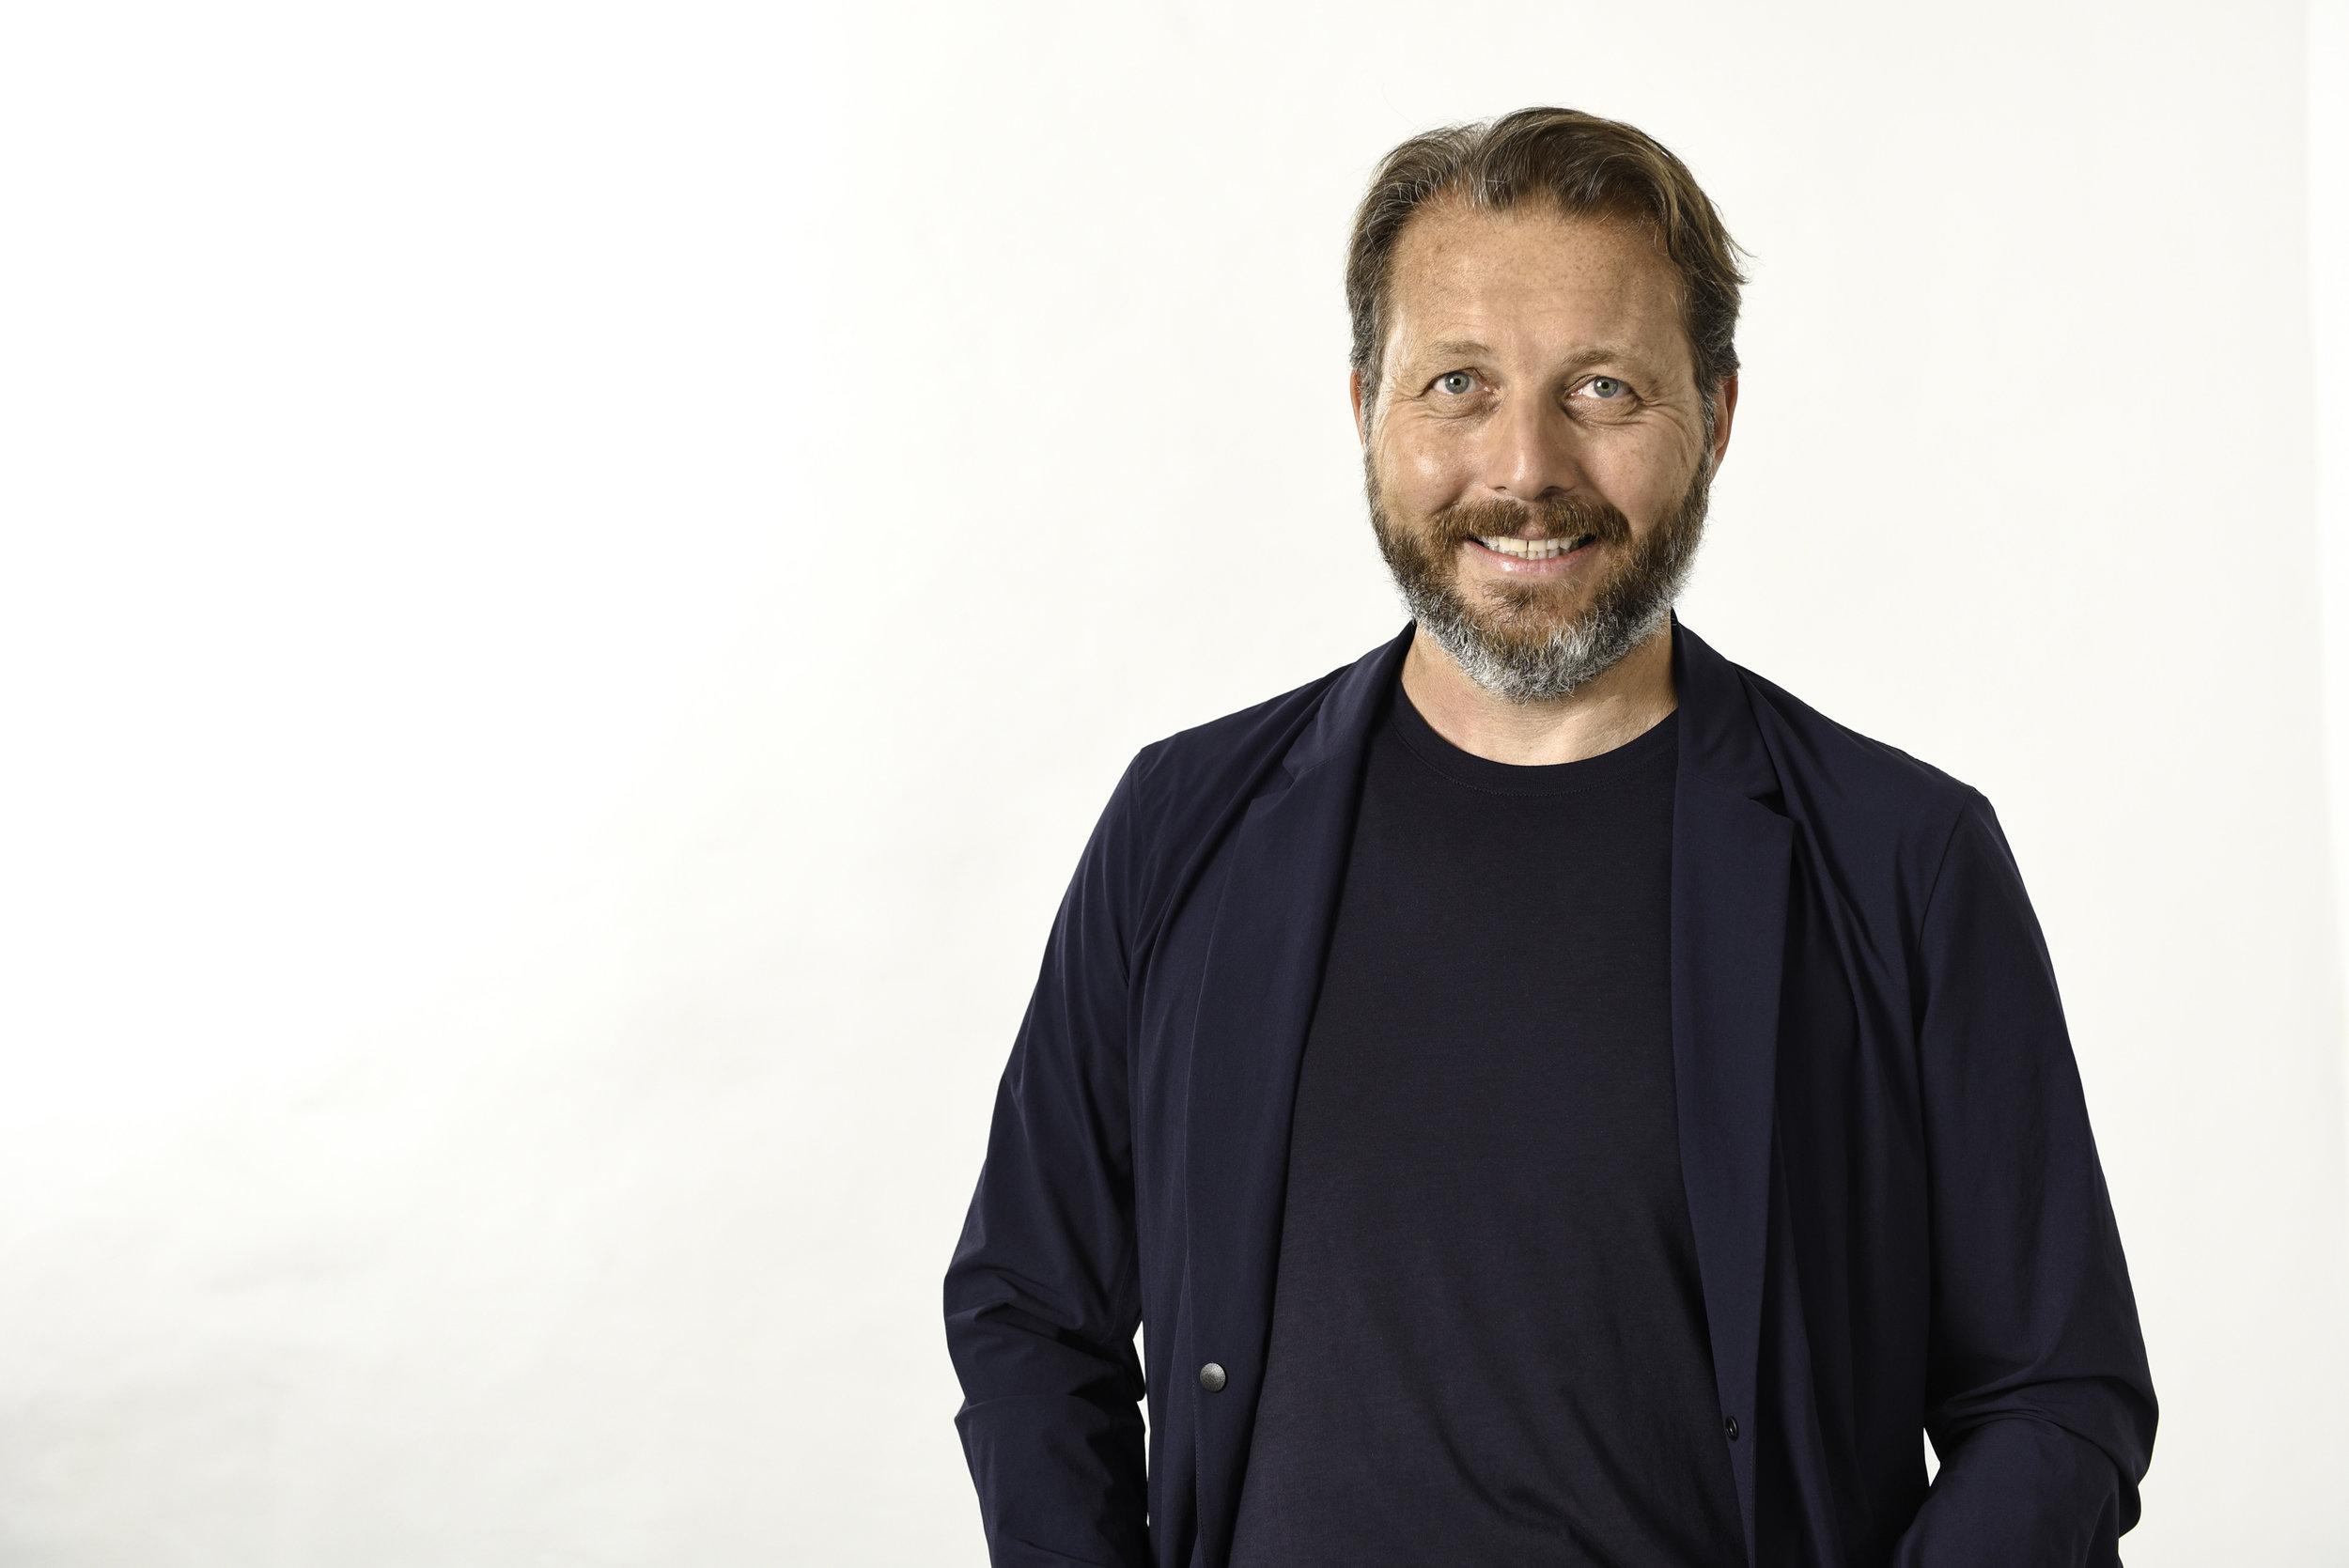 Marco Bruzzi